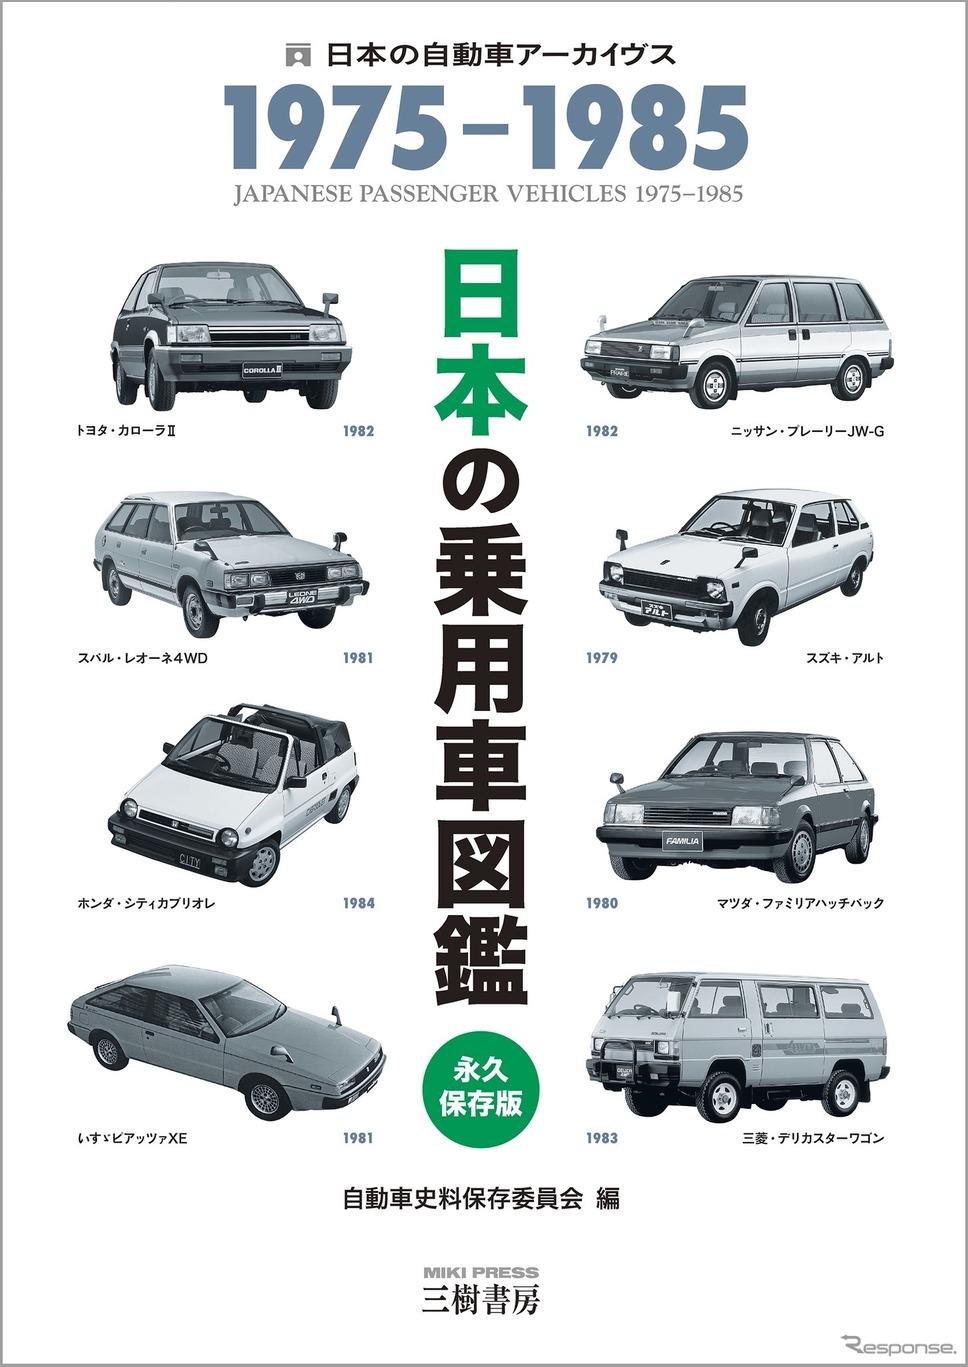 『日本の乗用車図鑑 1975-1985』